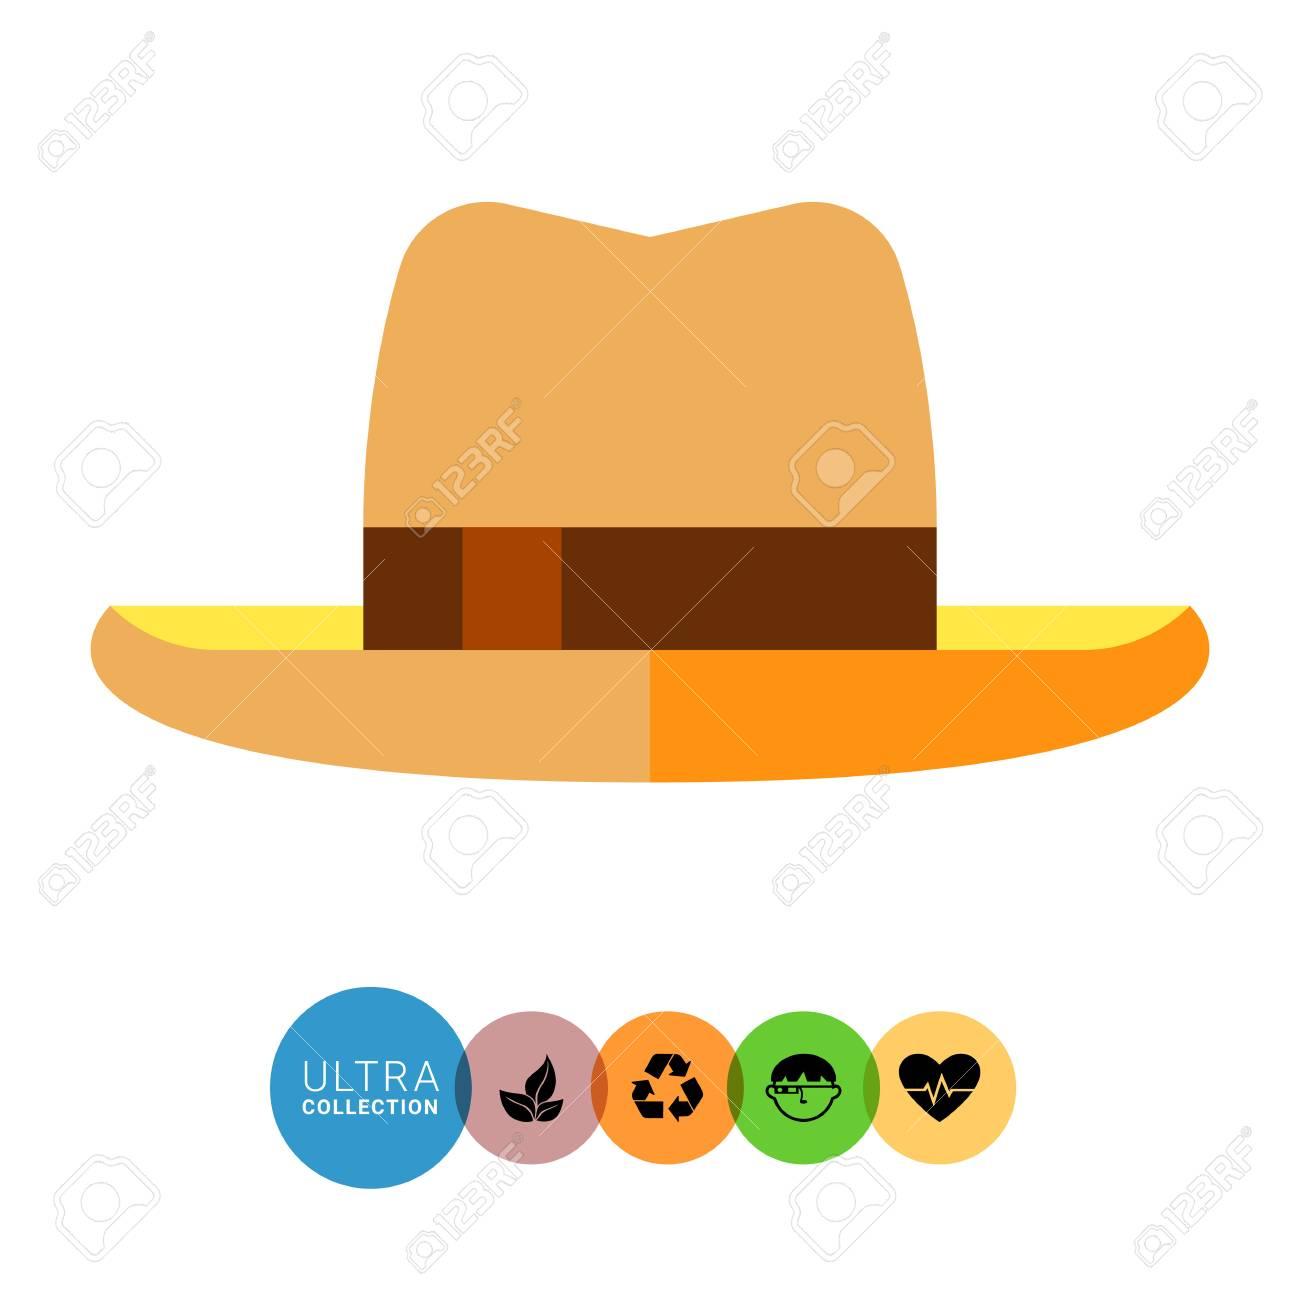 434362b84849 Icono plano de sombrero de verano para hombre. Ilustración de vector  multicolor del sombrero de protección contra el sol